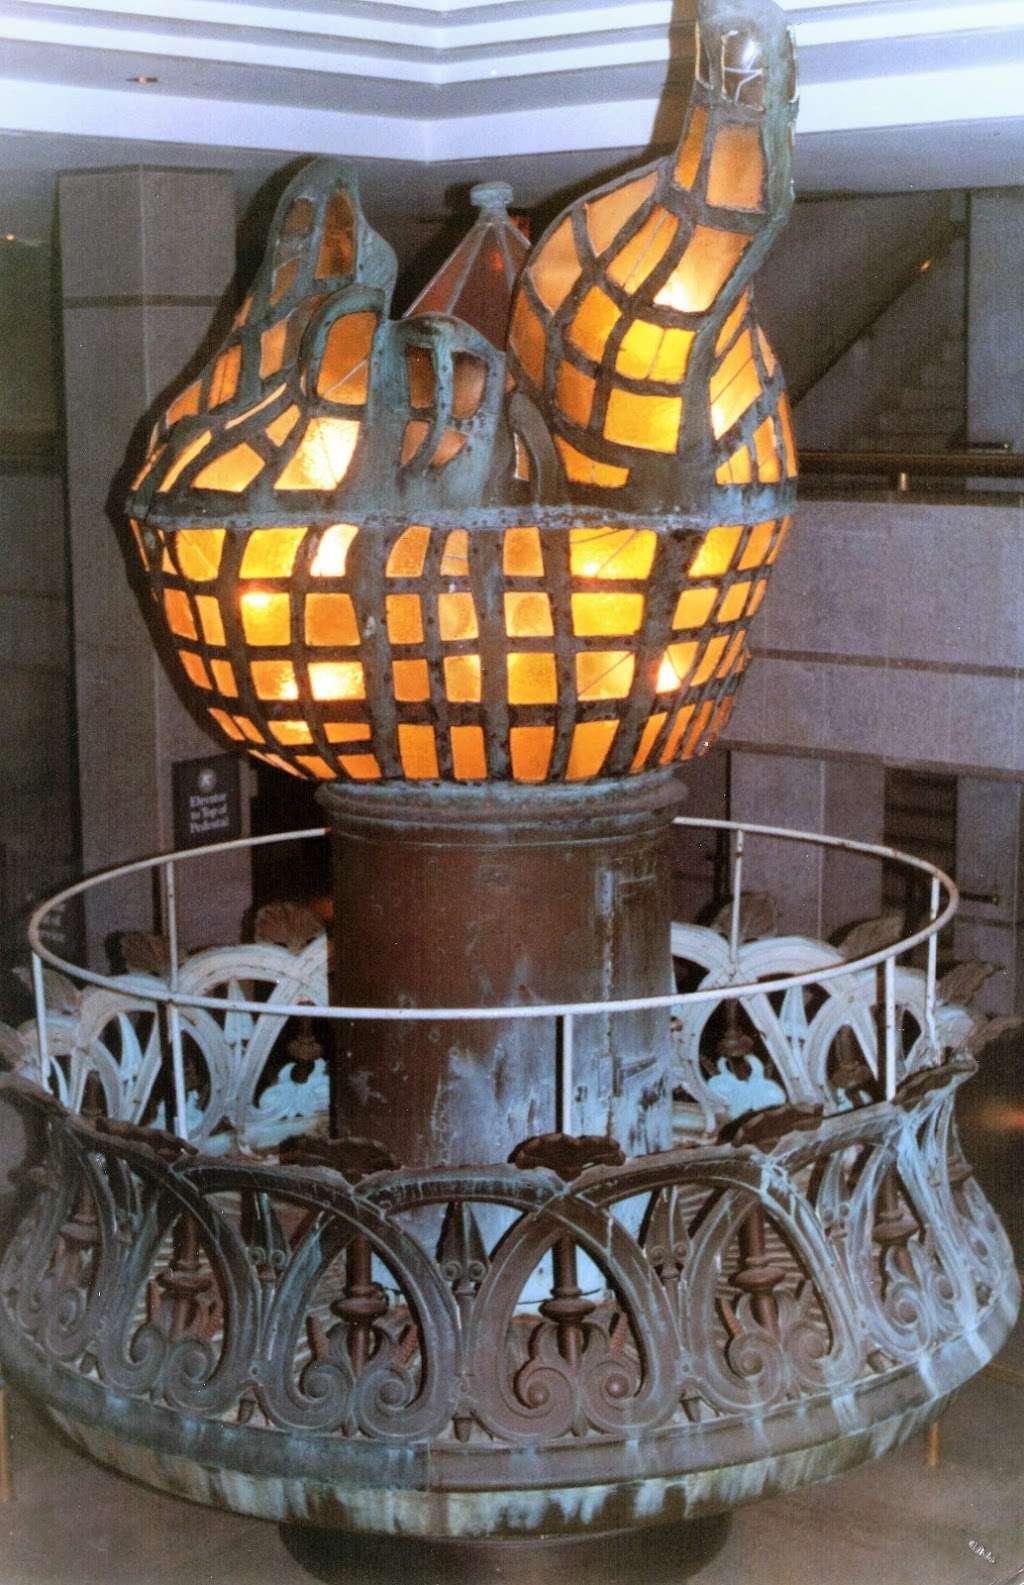 New York Estatua De La Llibertat Corona - museum  | Photo 3 of 10 | Address: Isla de la Libertad, New York, NY 10004, USA